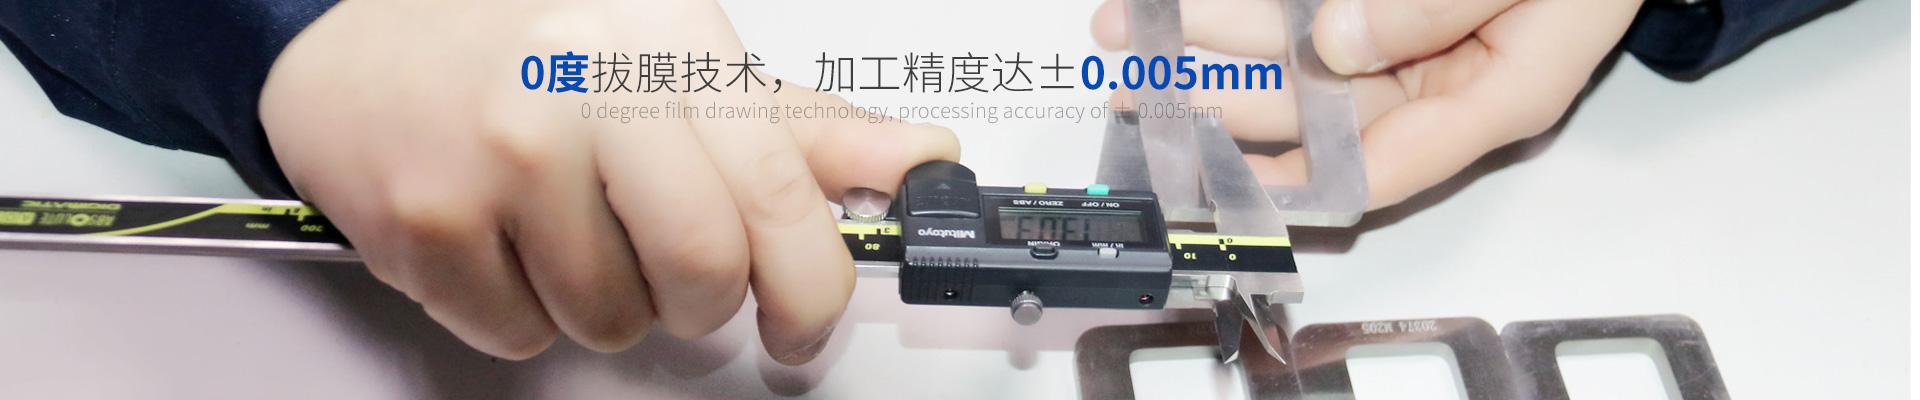 立新塑胶注塑加工-0度拔膜技术,加工精度达±0.005mm